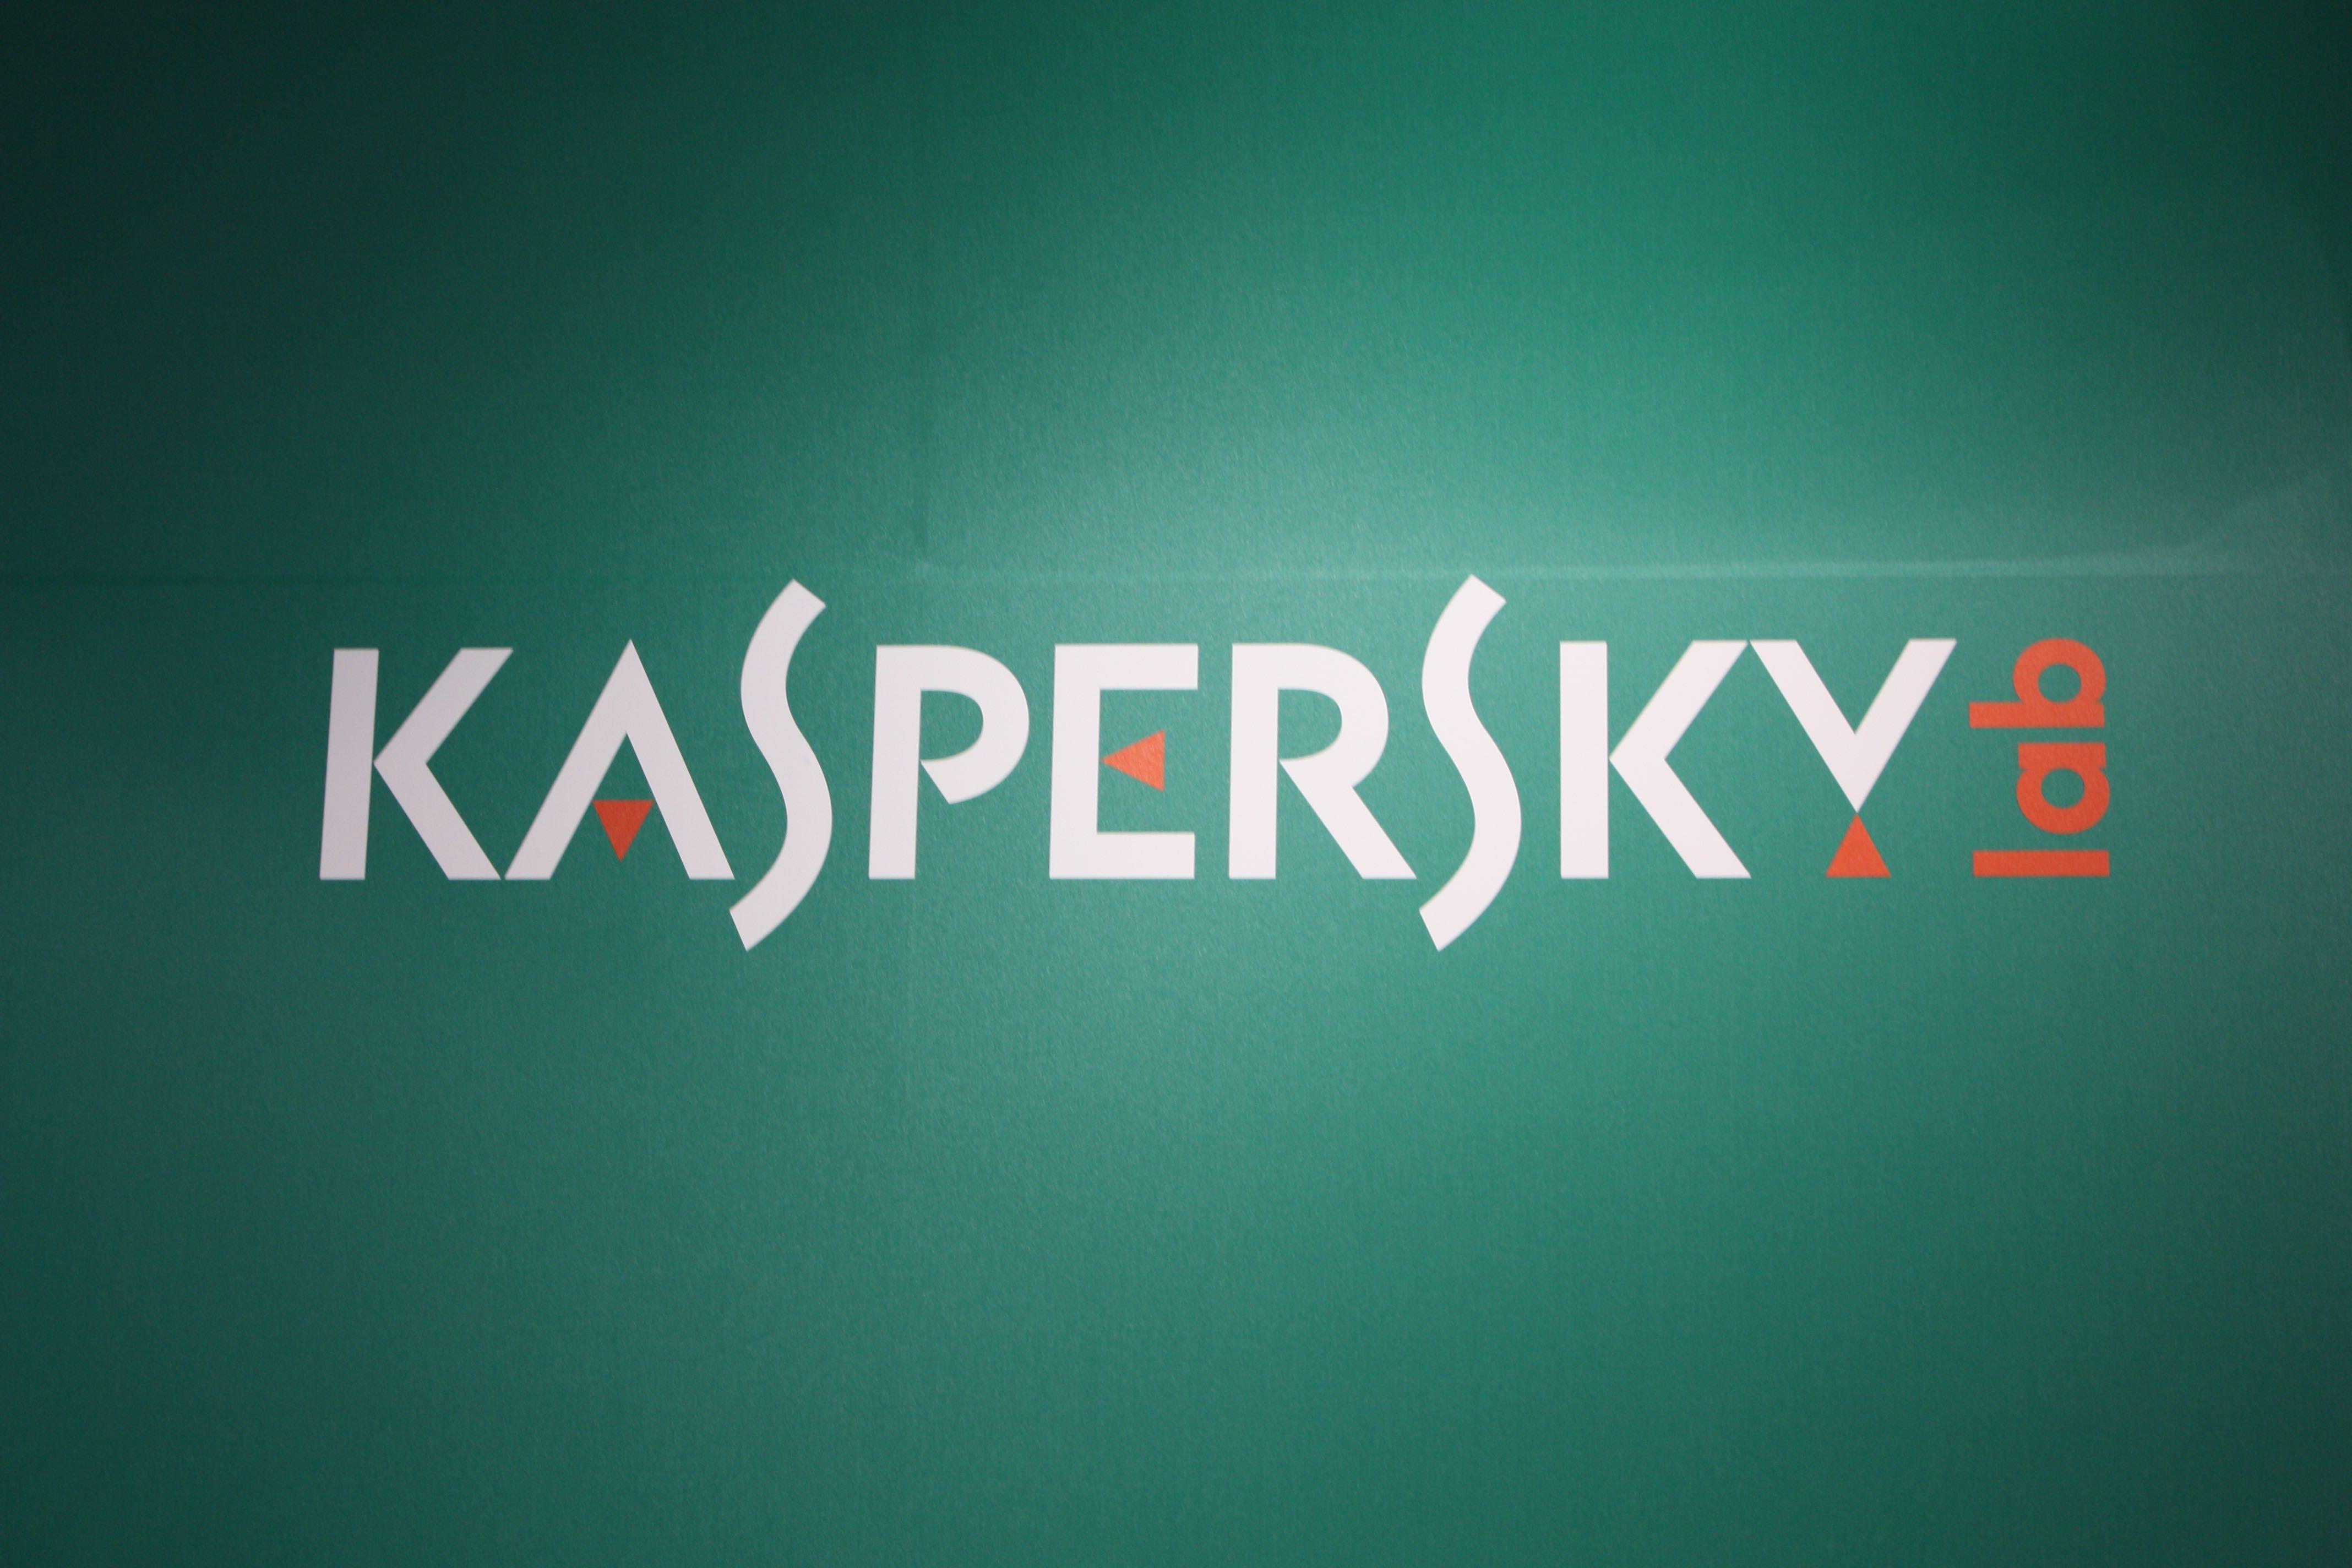 Kaspersky et Facebook